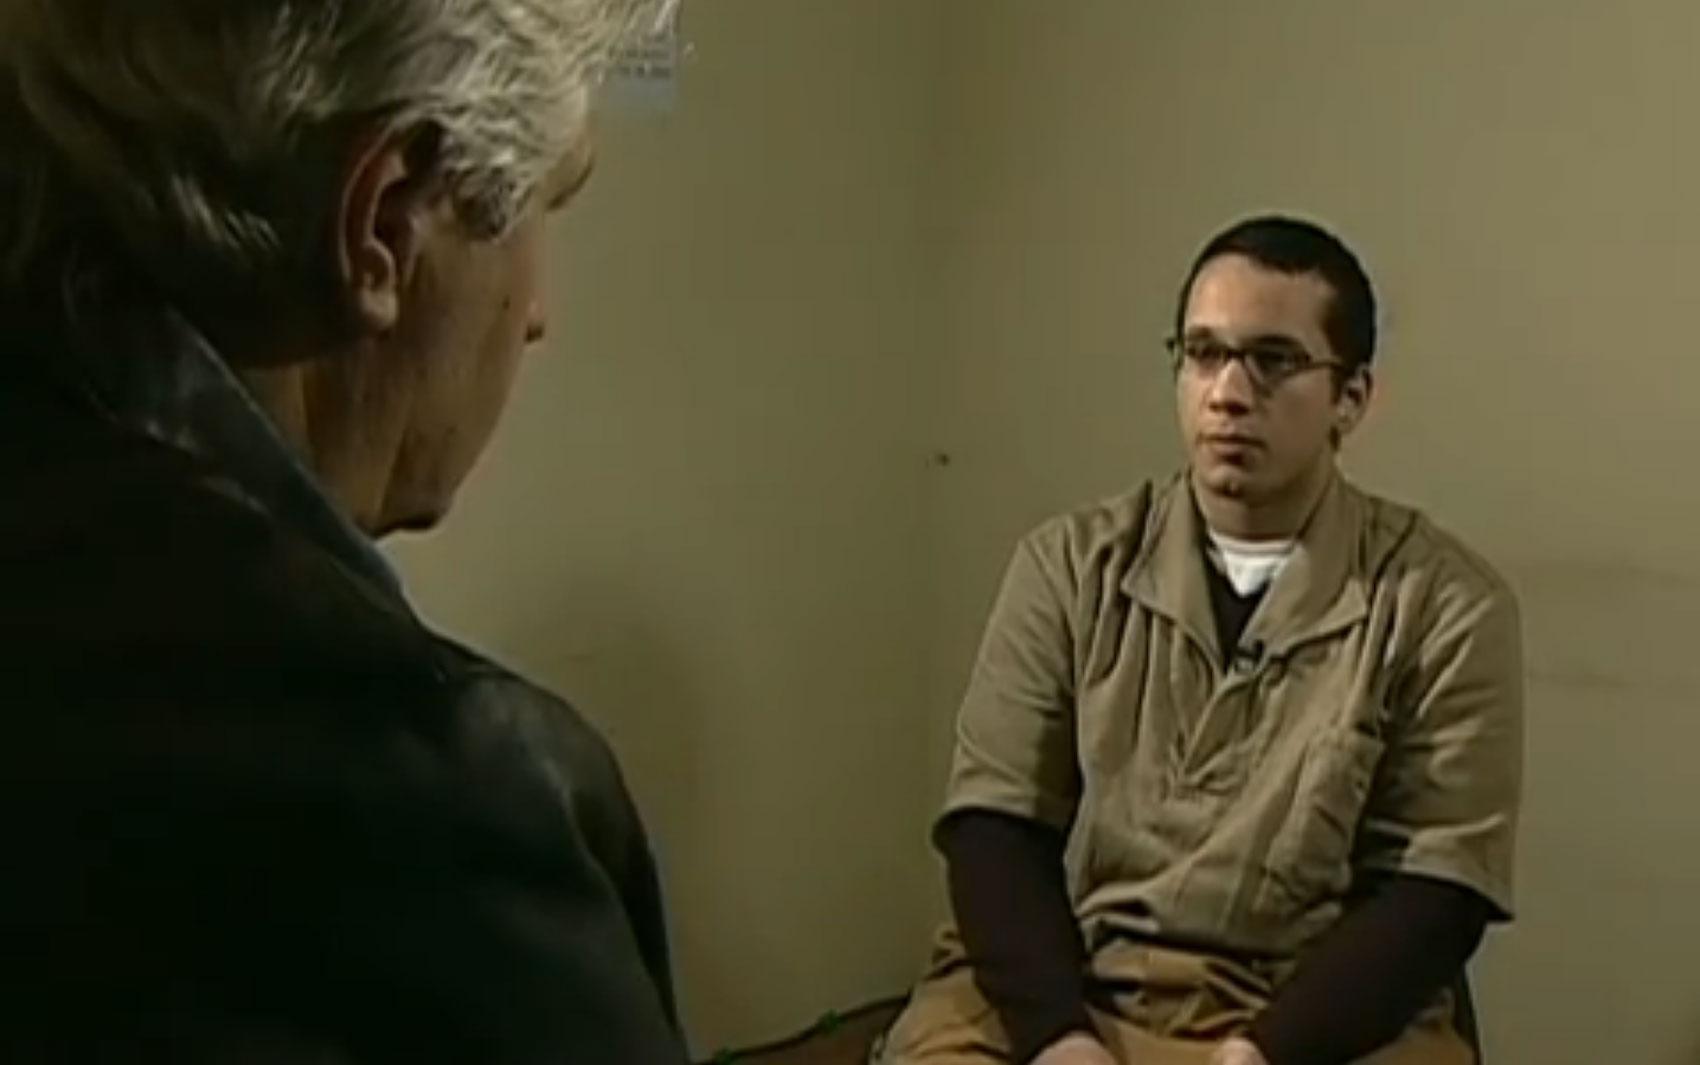 Durante o período em que esteve preso, Gil Rugai deu entrevista ao repórter Valmir Salaro: 'Eu perdi a liberdade e perdi meu pai. Enquanto eu tiver fé, vou continuar tranquilo. No dia em que eu perder, não tenho mais nada.'